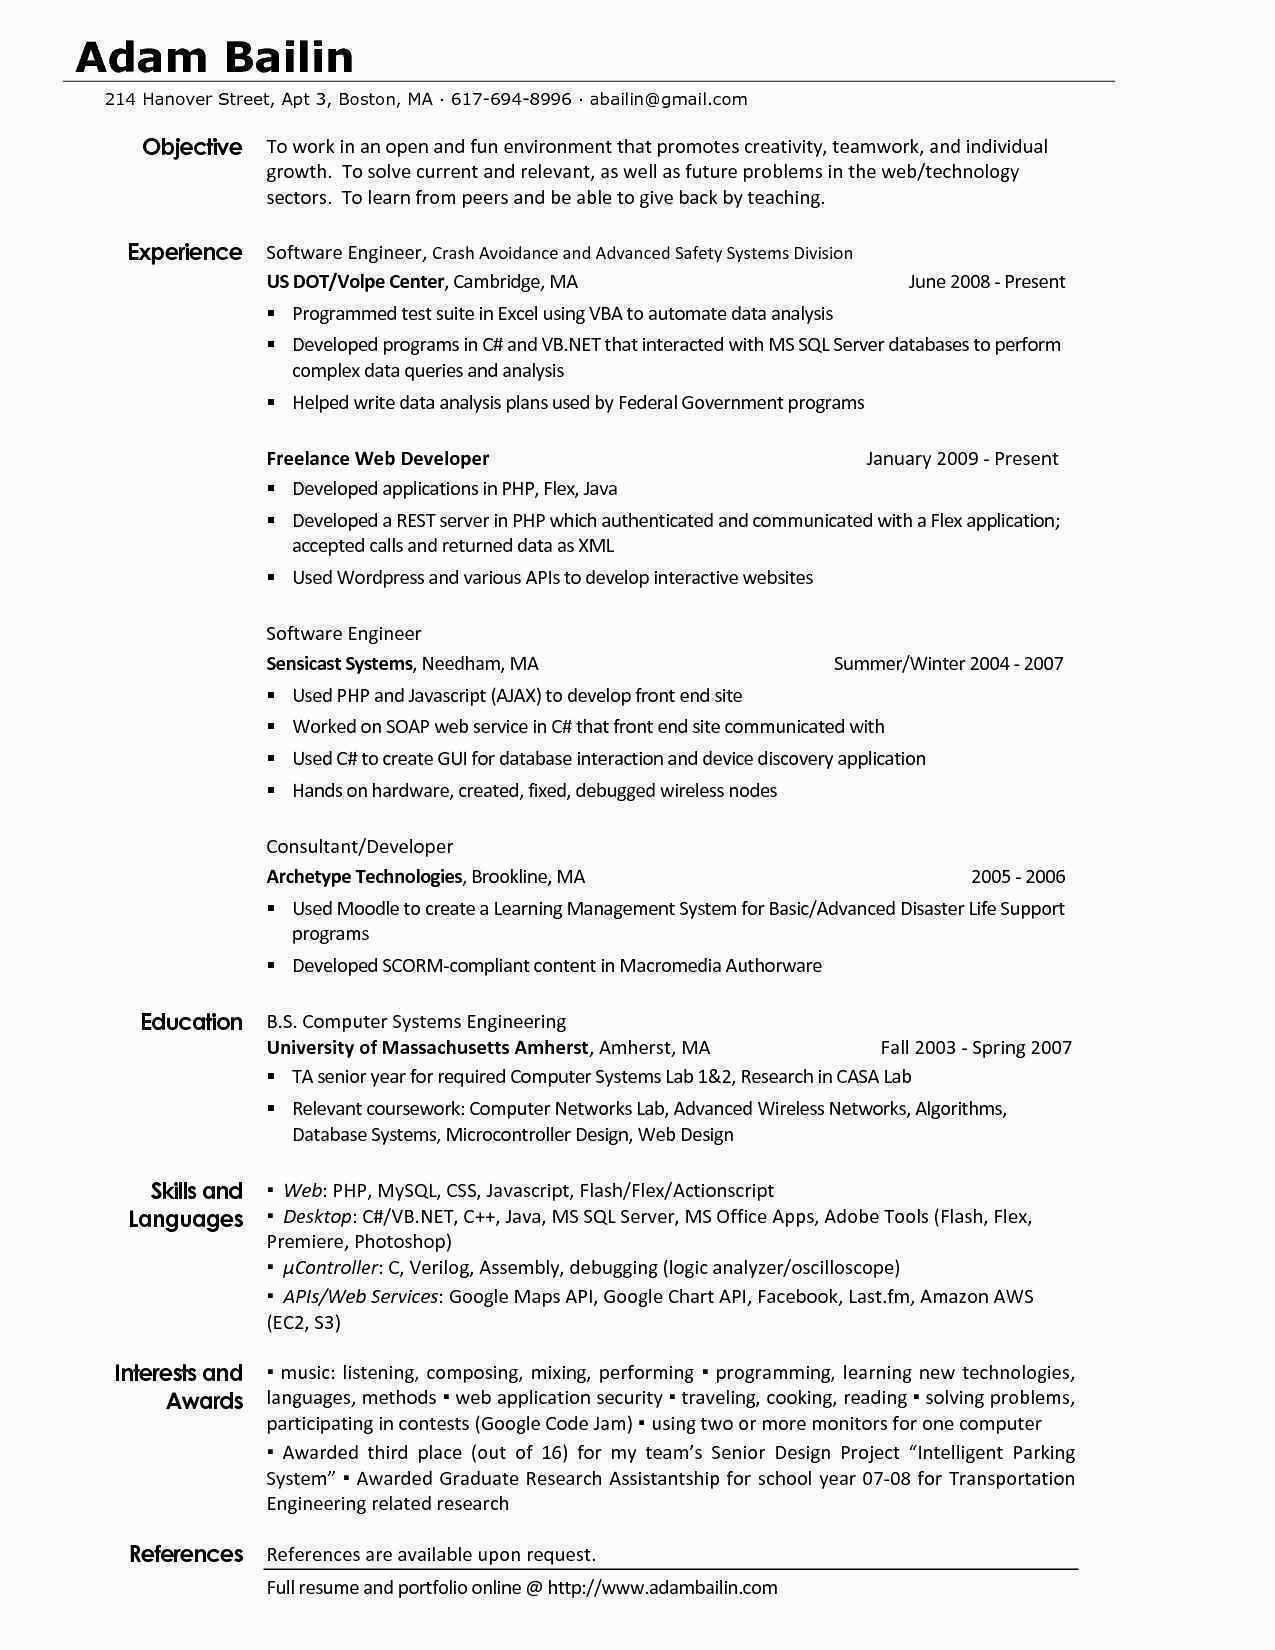 Experience Resume Format For Xml Developer Resume Format Resume Examples Resume Template Examples Resume